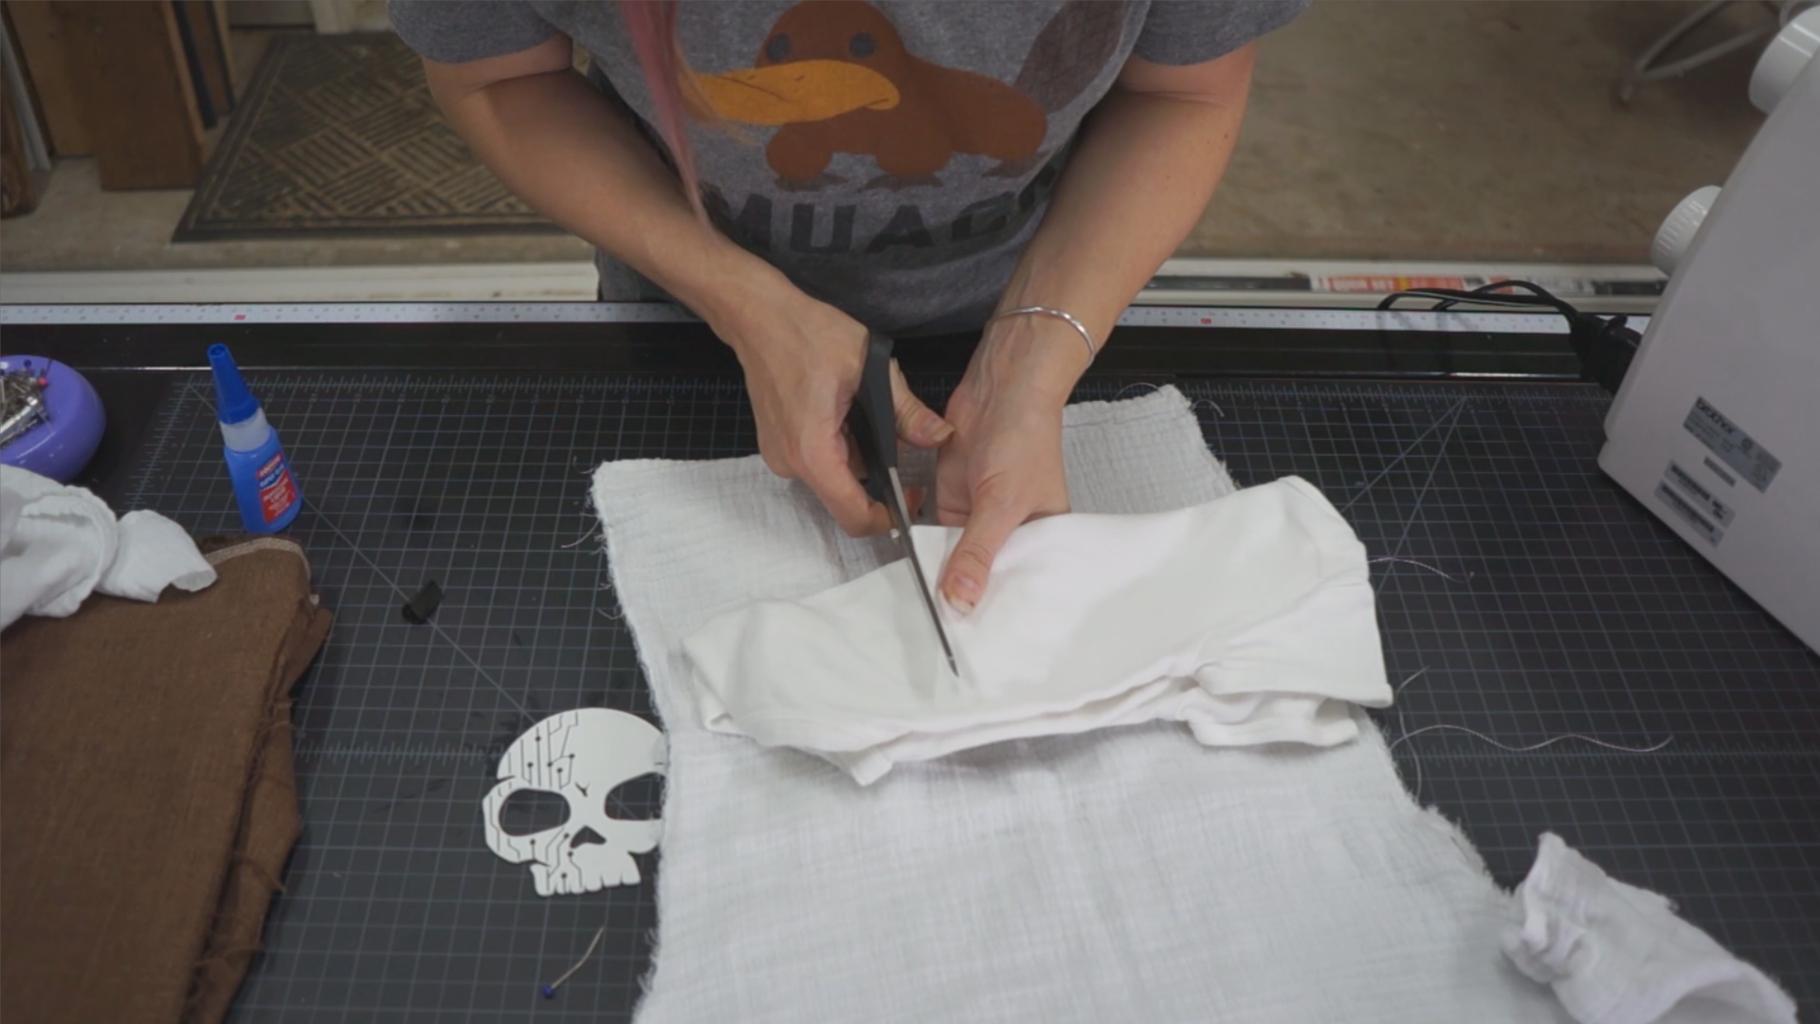 The Pirate Shirt - Waist!